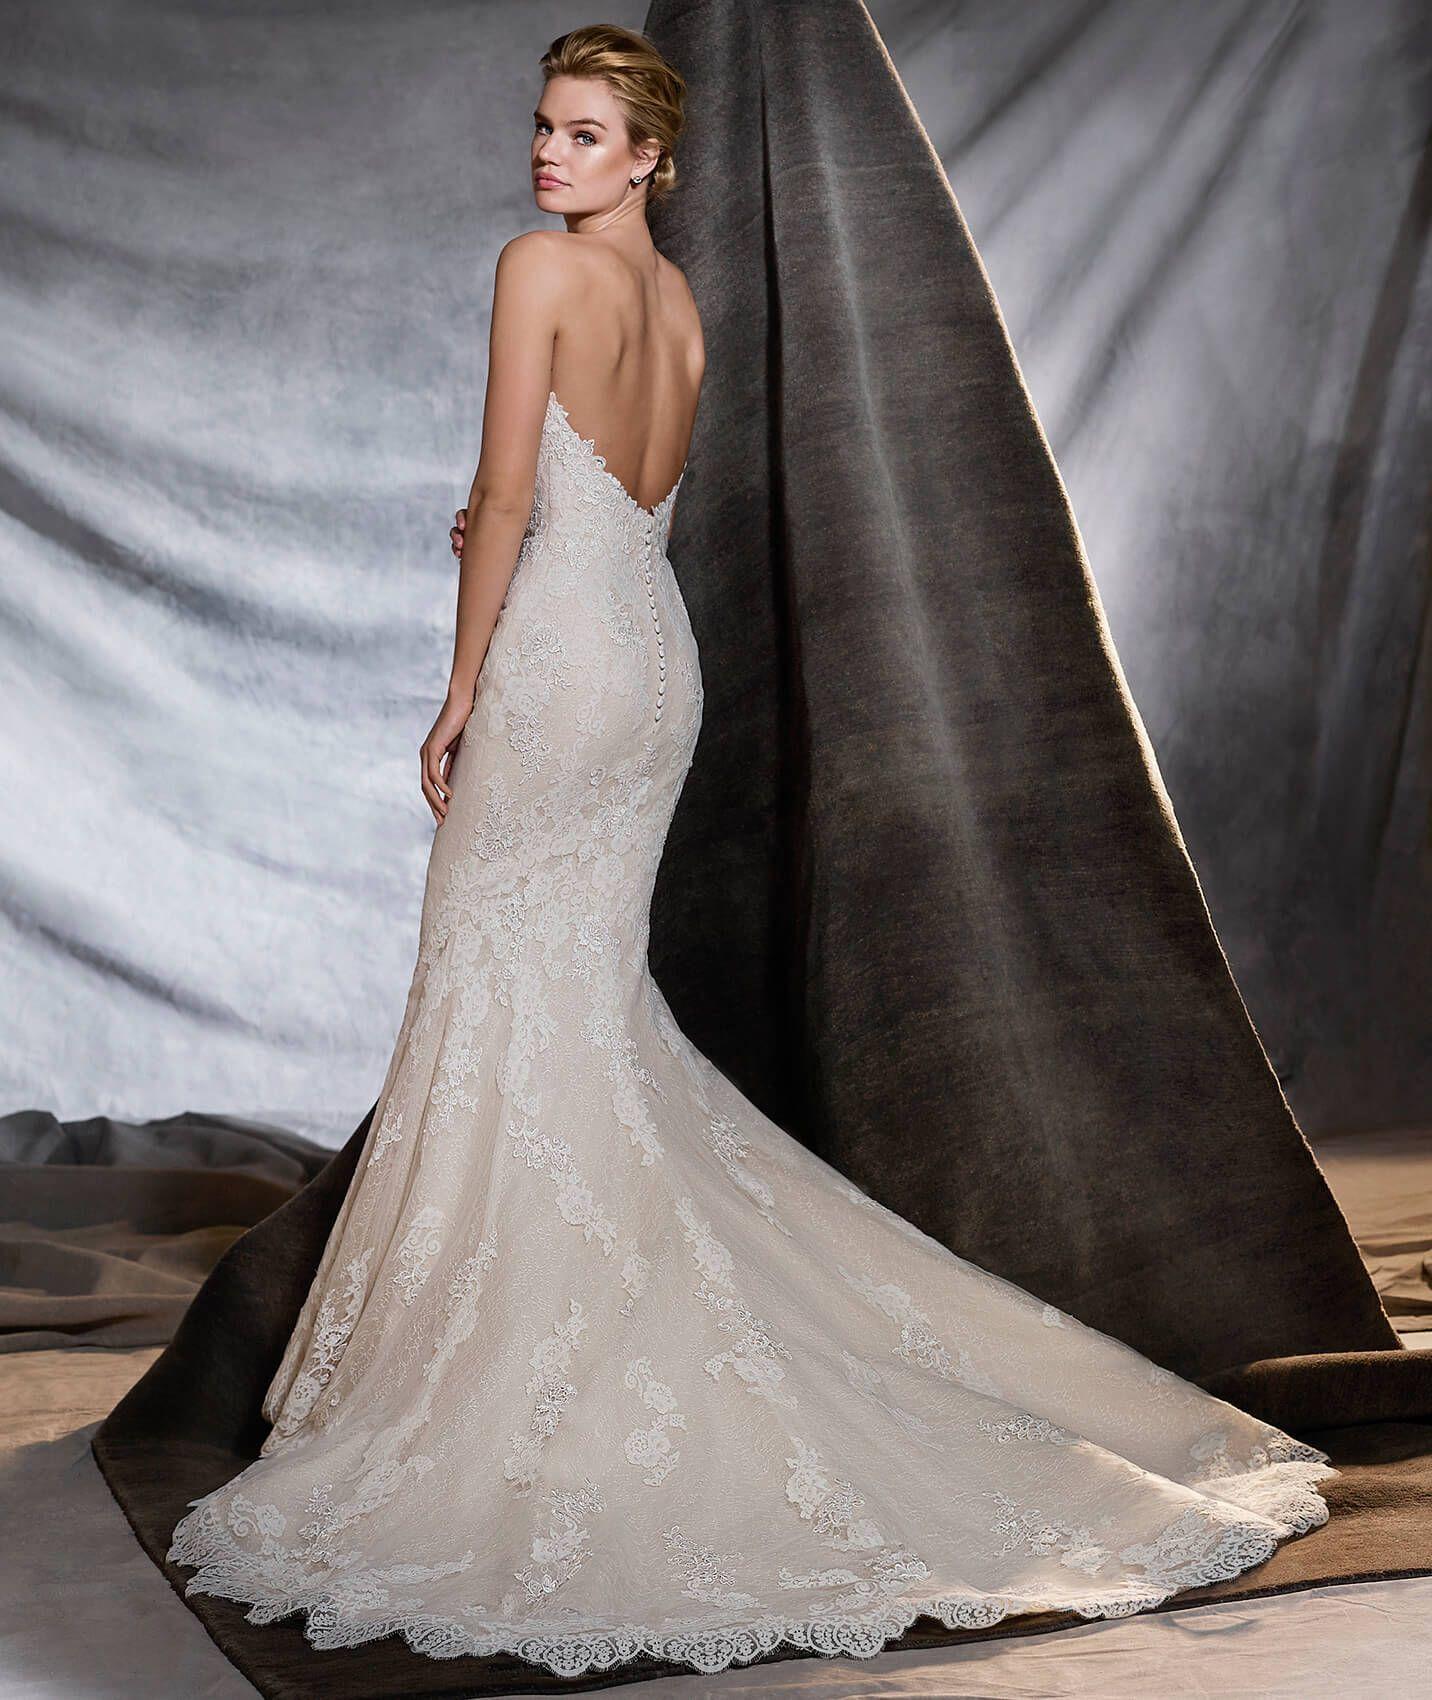 Hire designer wedding dresses australia